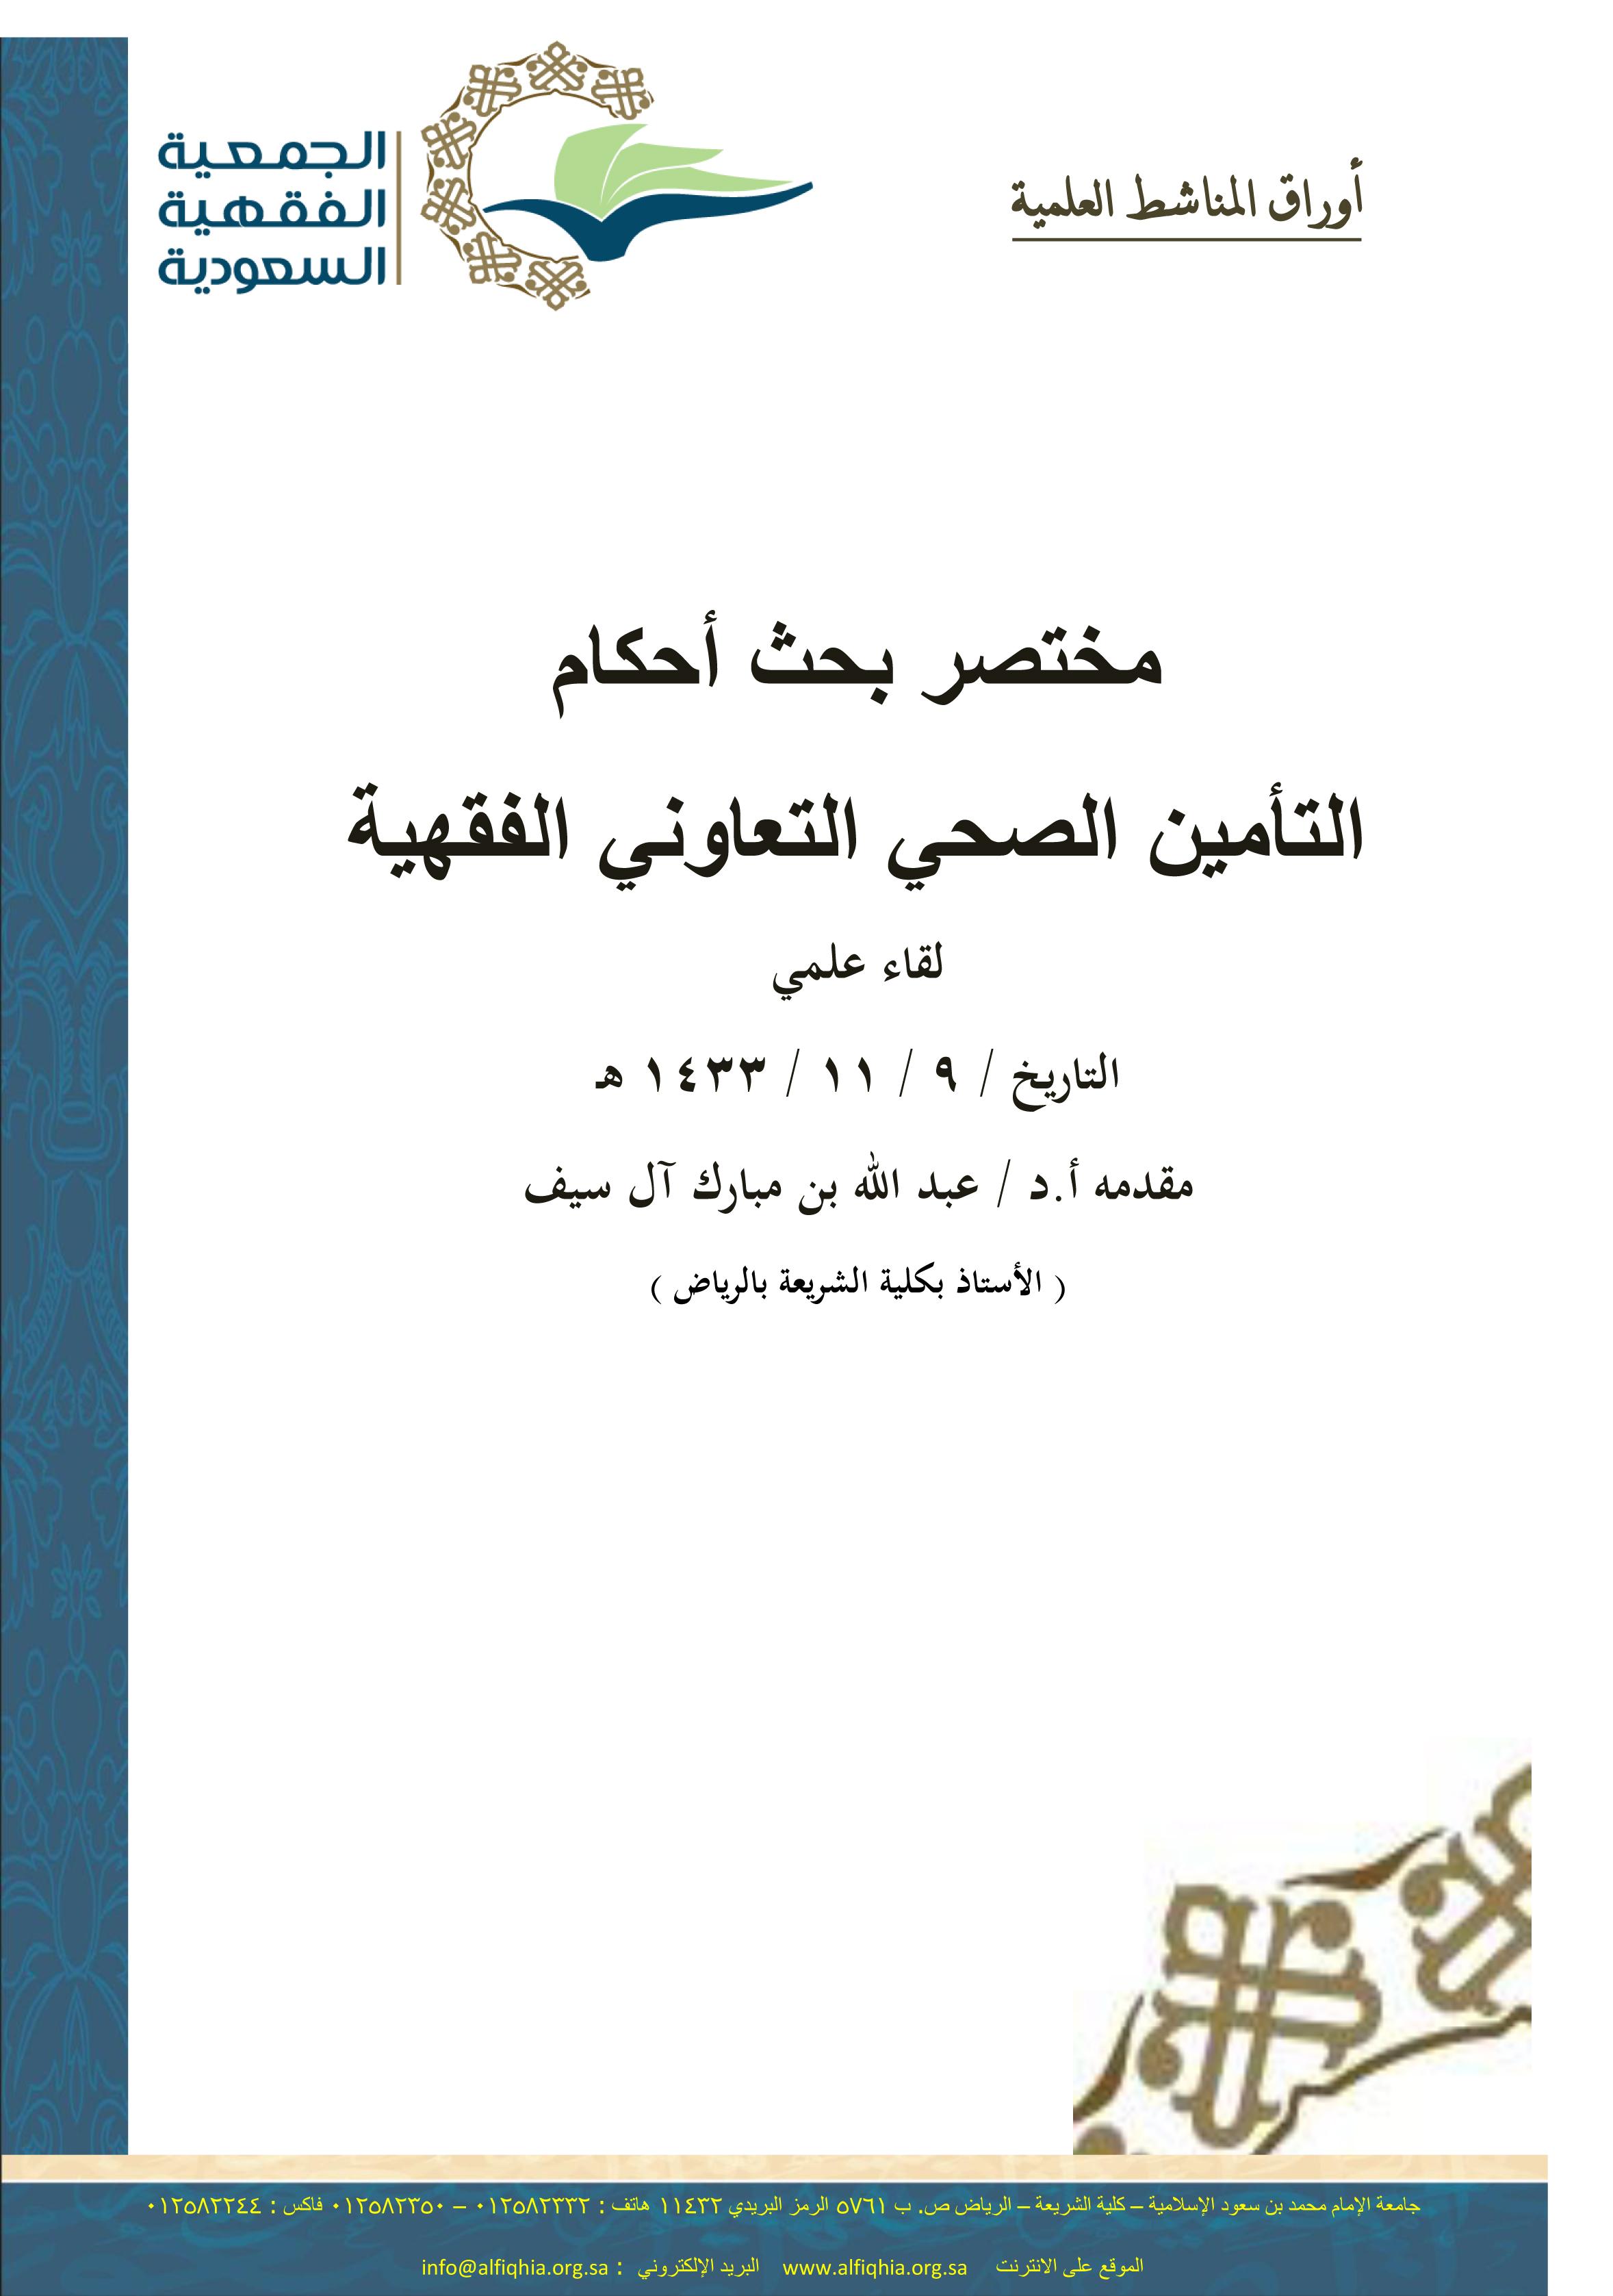 أحكام-التأمين-الصحي-التعاوني-الفقهية-بصيغة-pdf-1